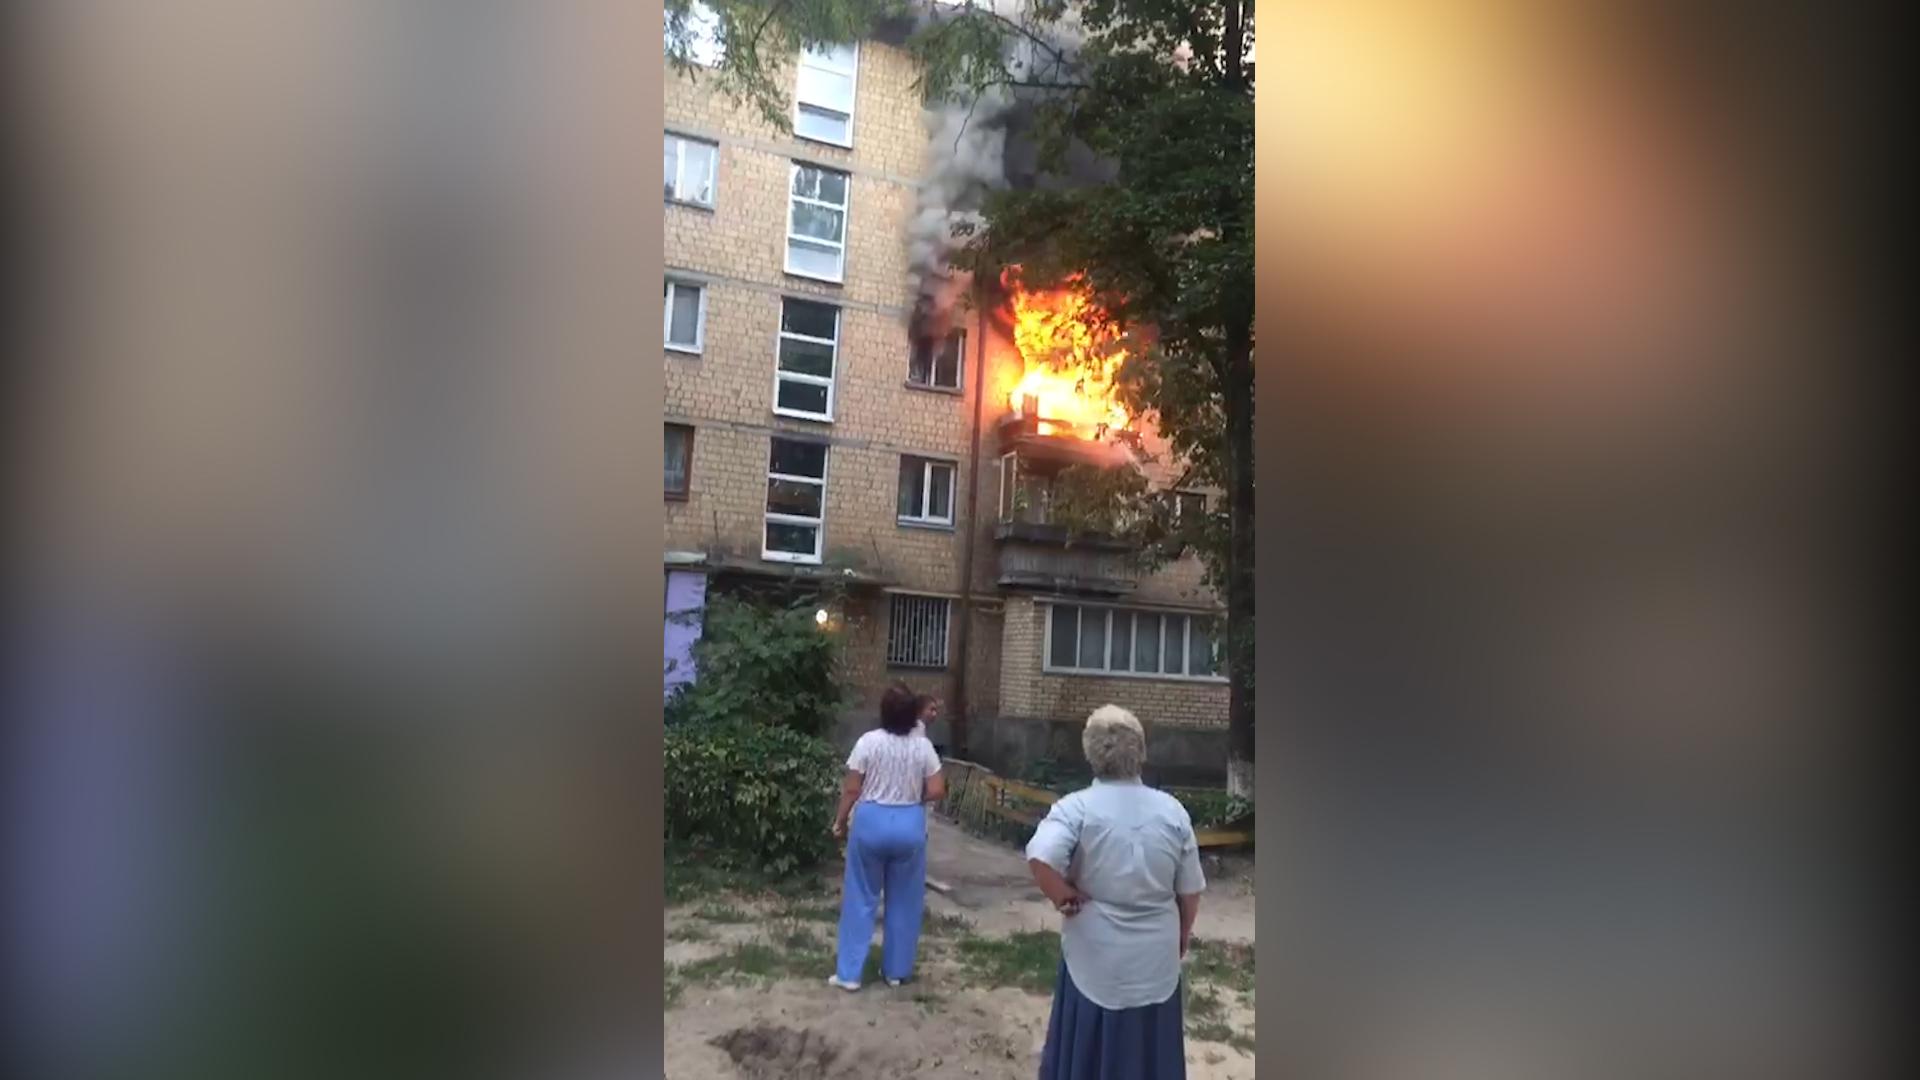 В четверг, 22 августа, в Киеве по адресубульвар Вацлава Гавела, 43а произошел пожар